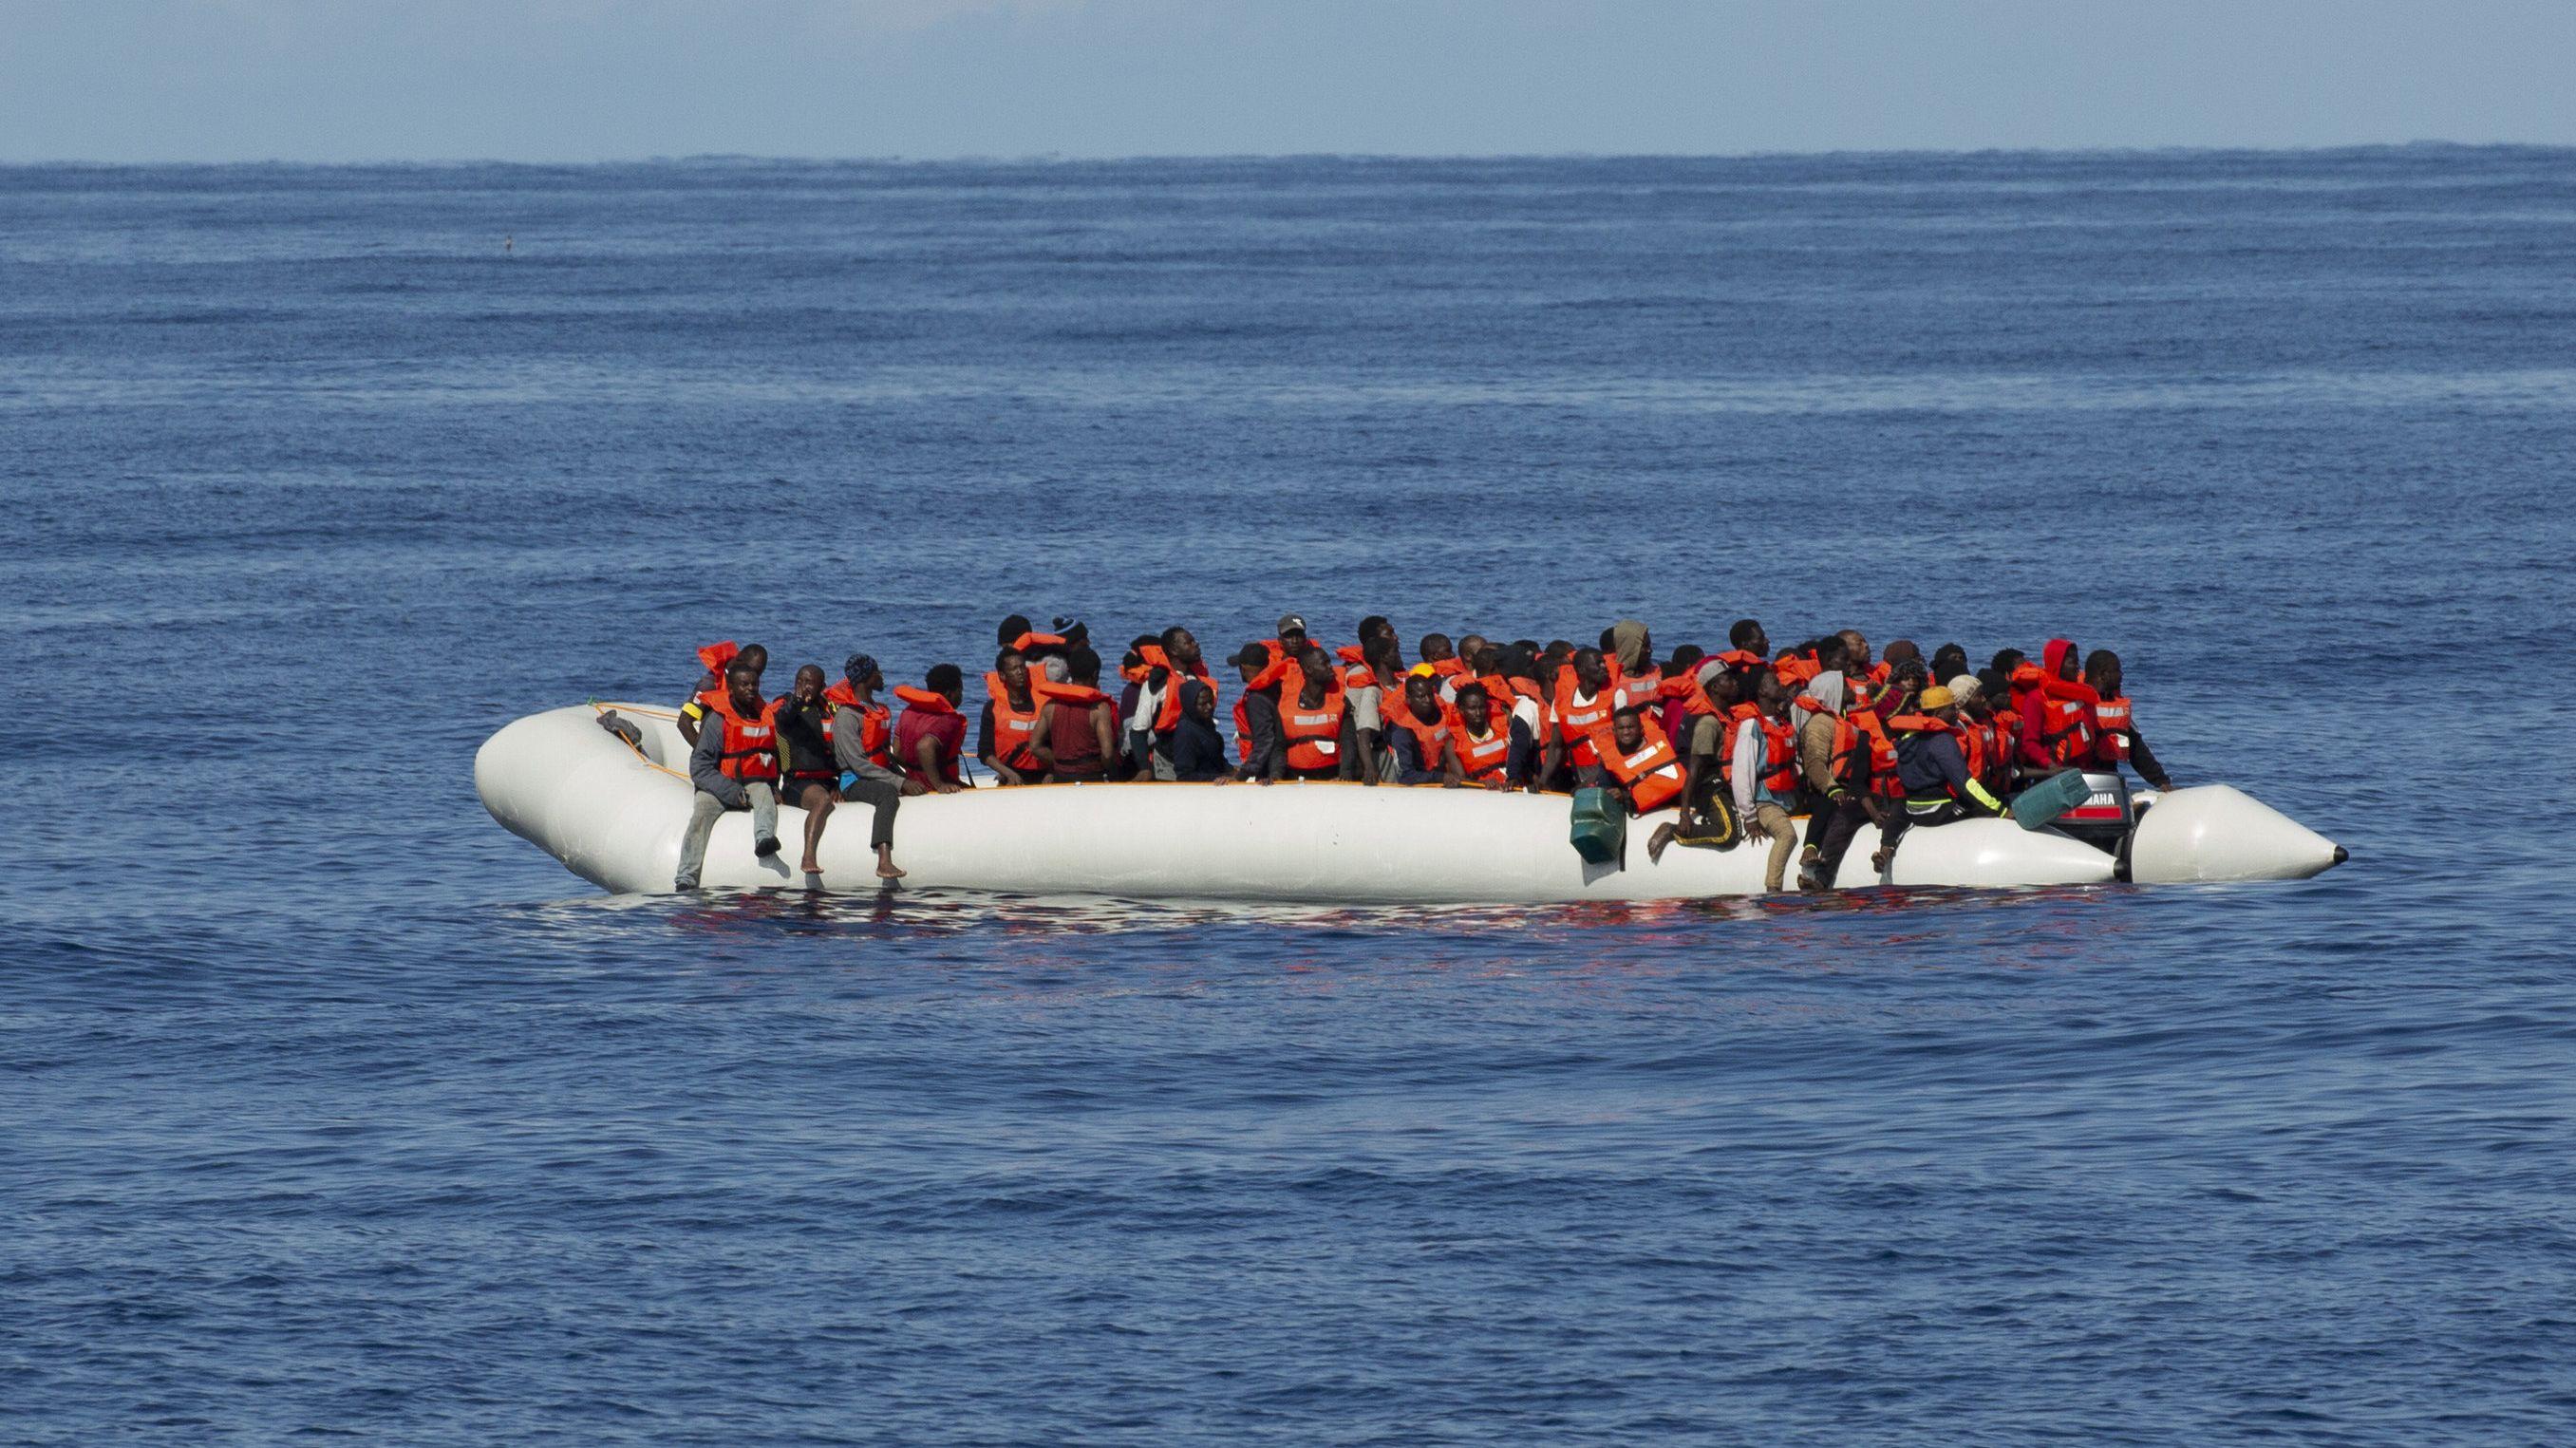 Am Samstag hatte Sea Eye 90 Menschen gerettet und war dabei nach eigenen Angaben massiv von libyschen Einsatzkräften bedroht worden.